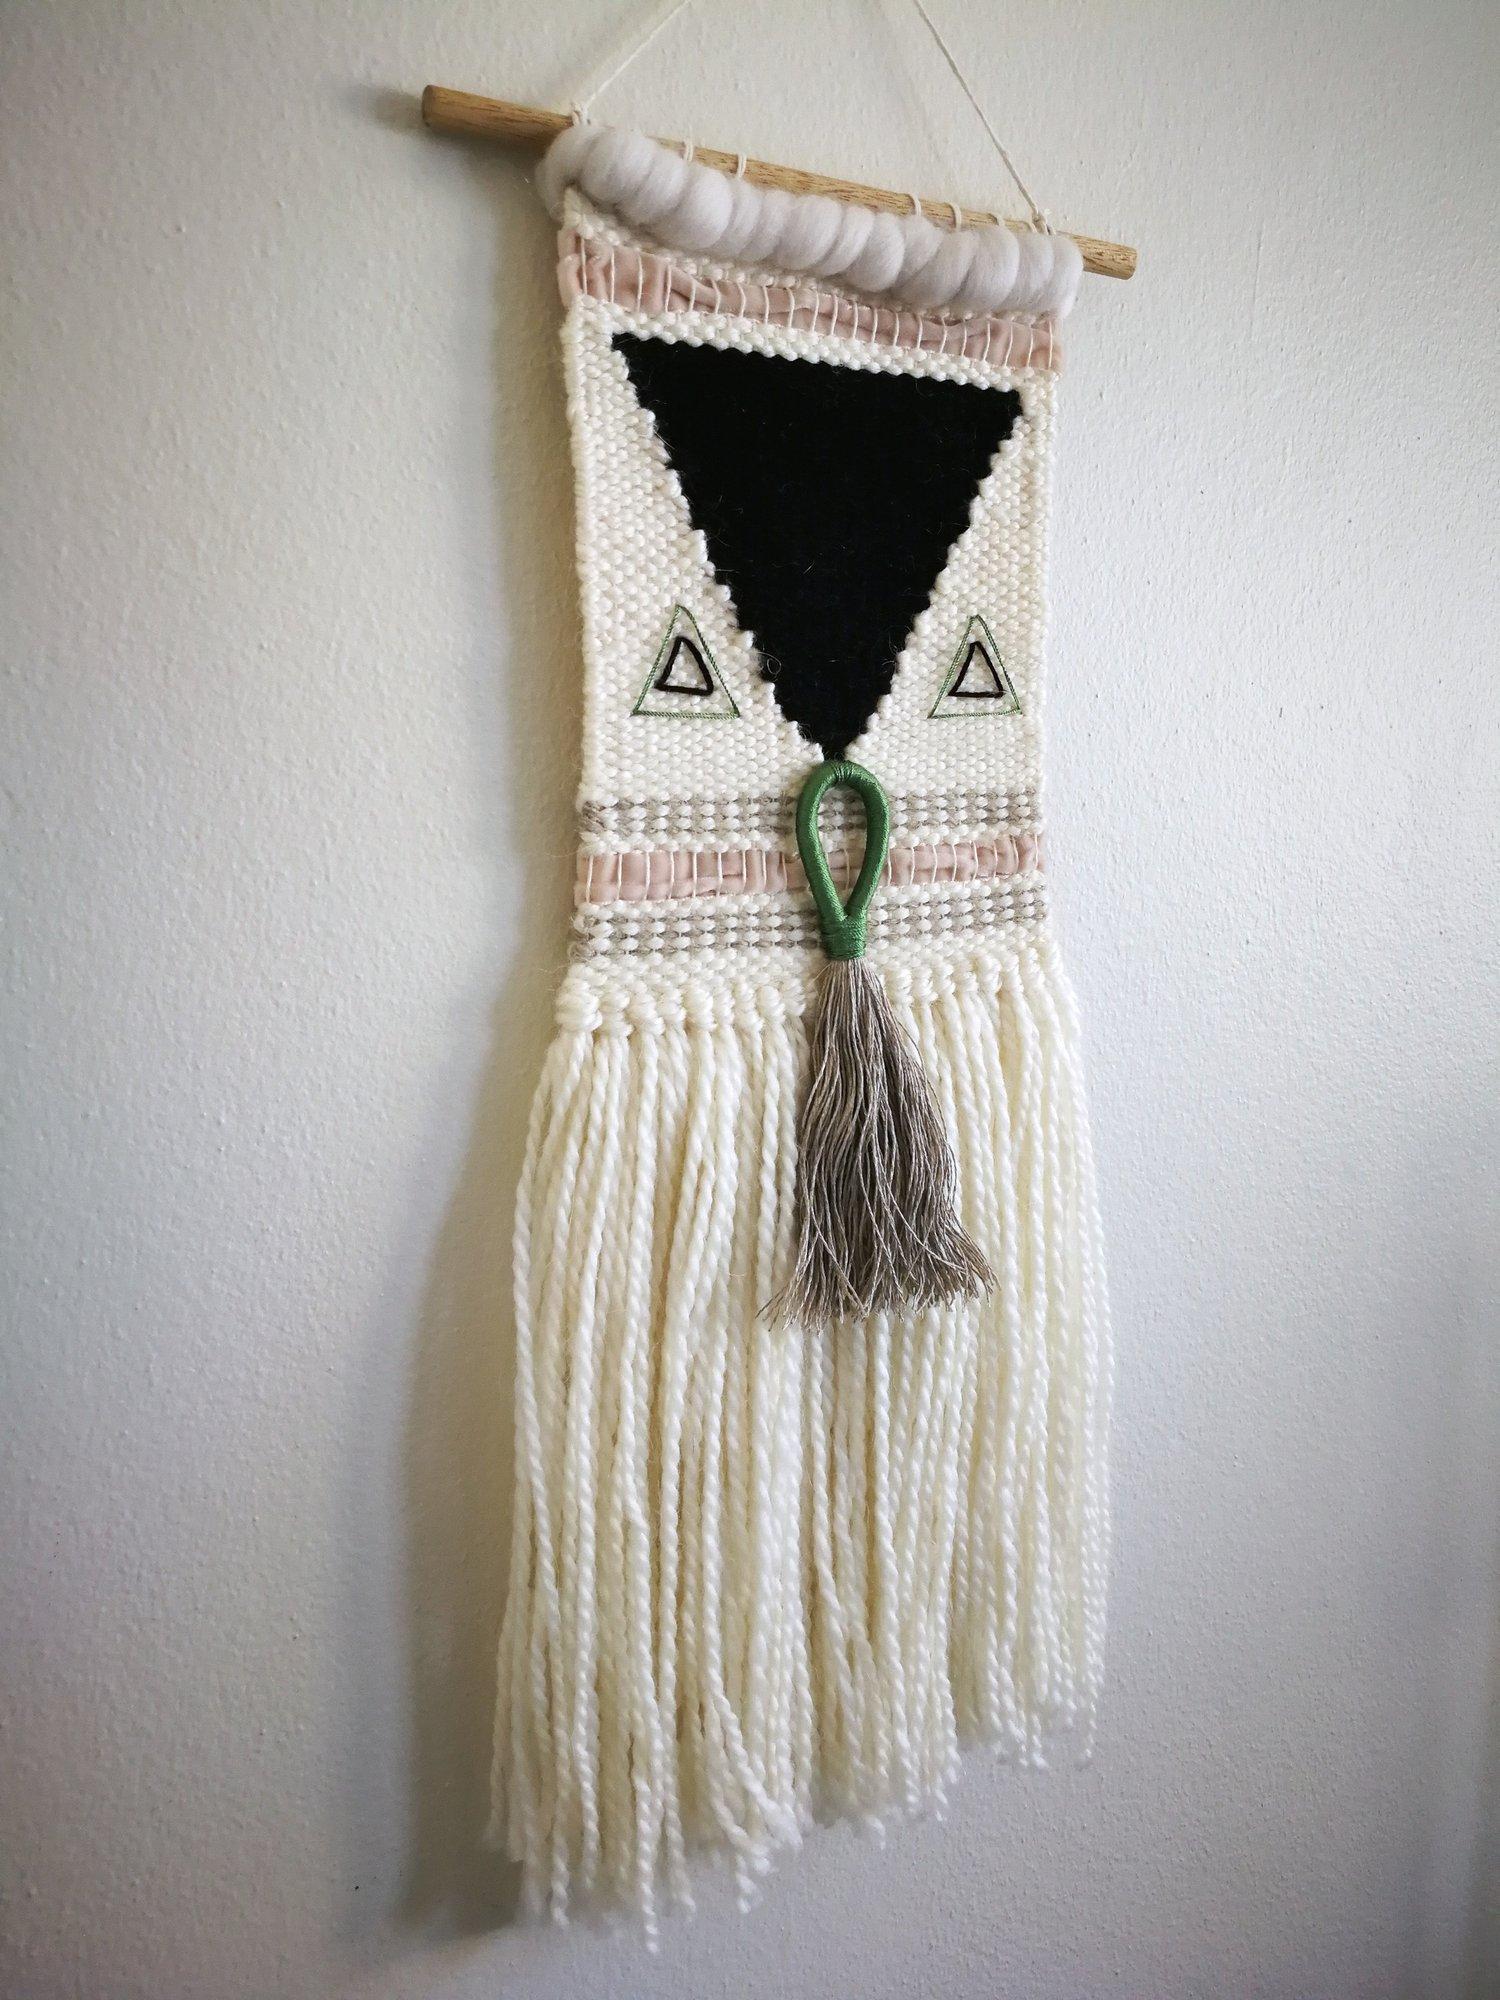 Image of Woven Wall Hanging - ADELINE